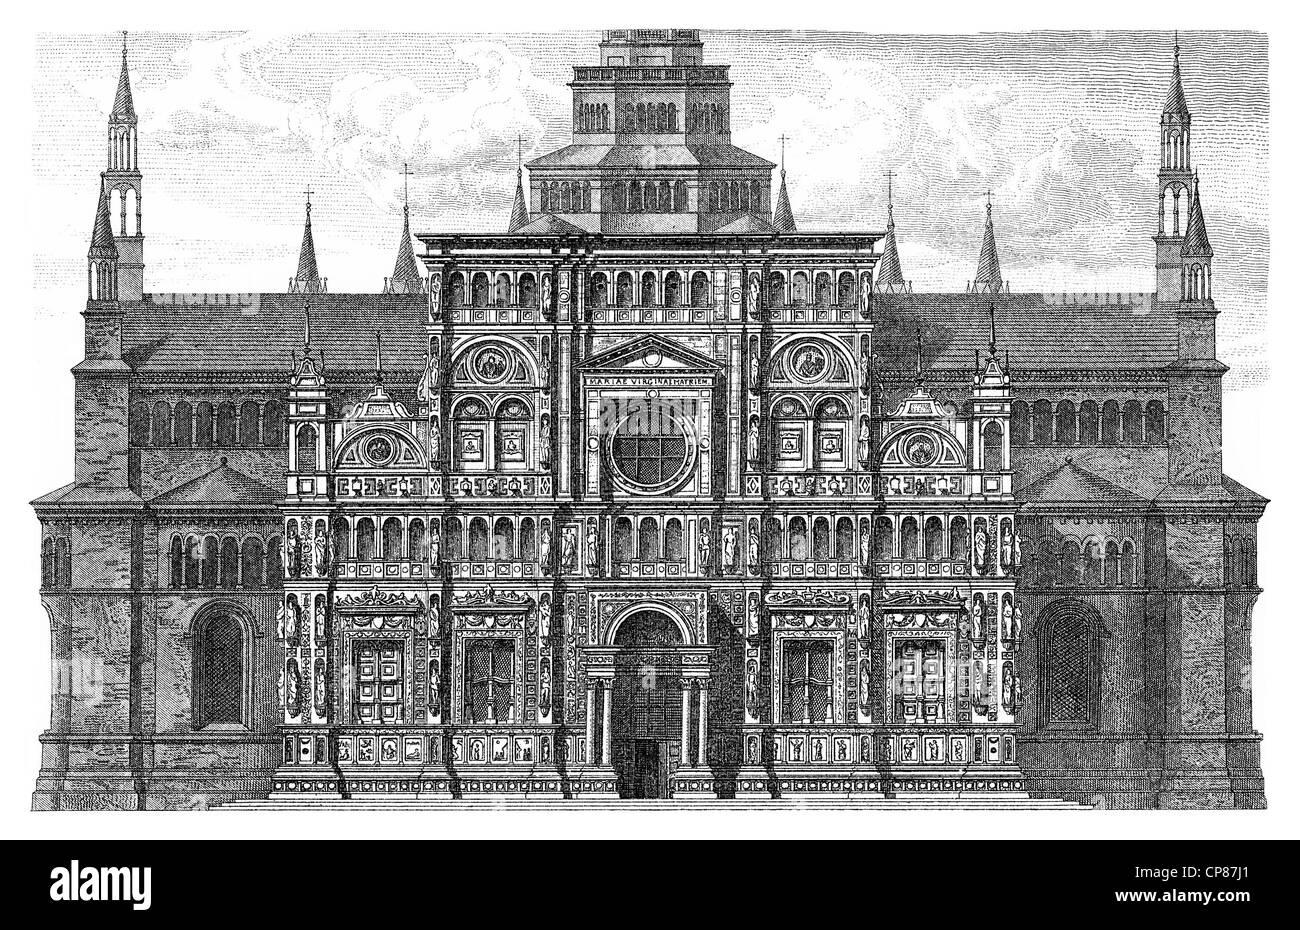 Historische, zeichnerische Darstellung, Fassade der Kirche Madonna delle Grazie, Certosa di Pavia, Italien, 16. - Stock Image